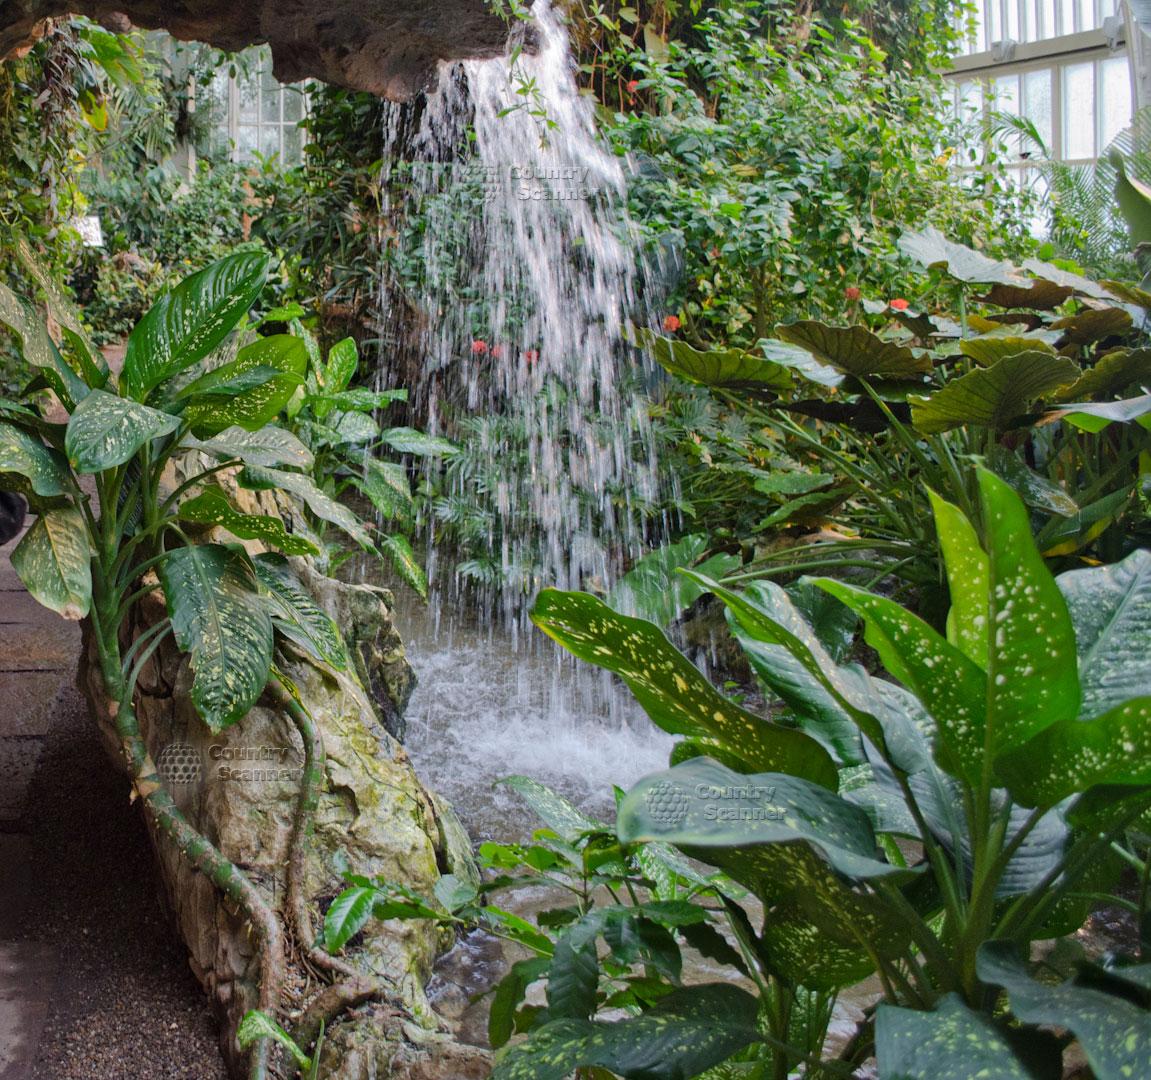 Миниатюрный водопад и пруд в Саду бабочек в Вене.